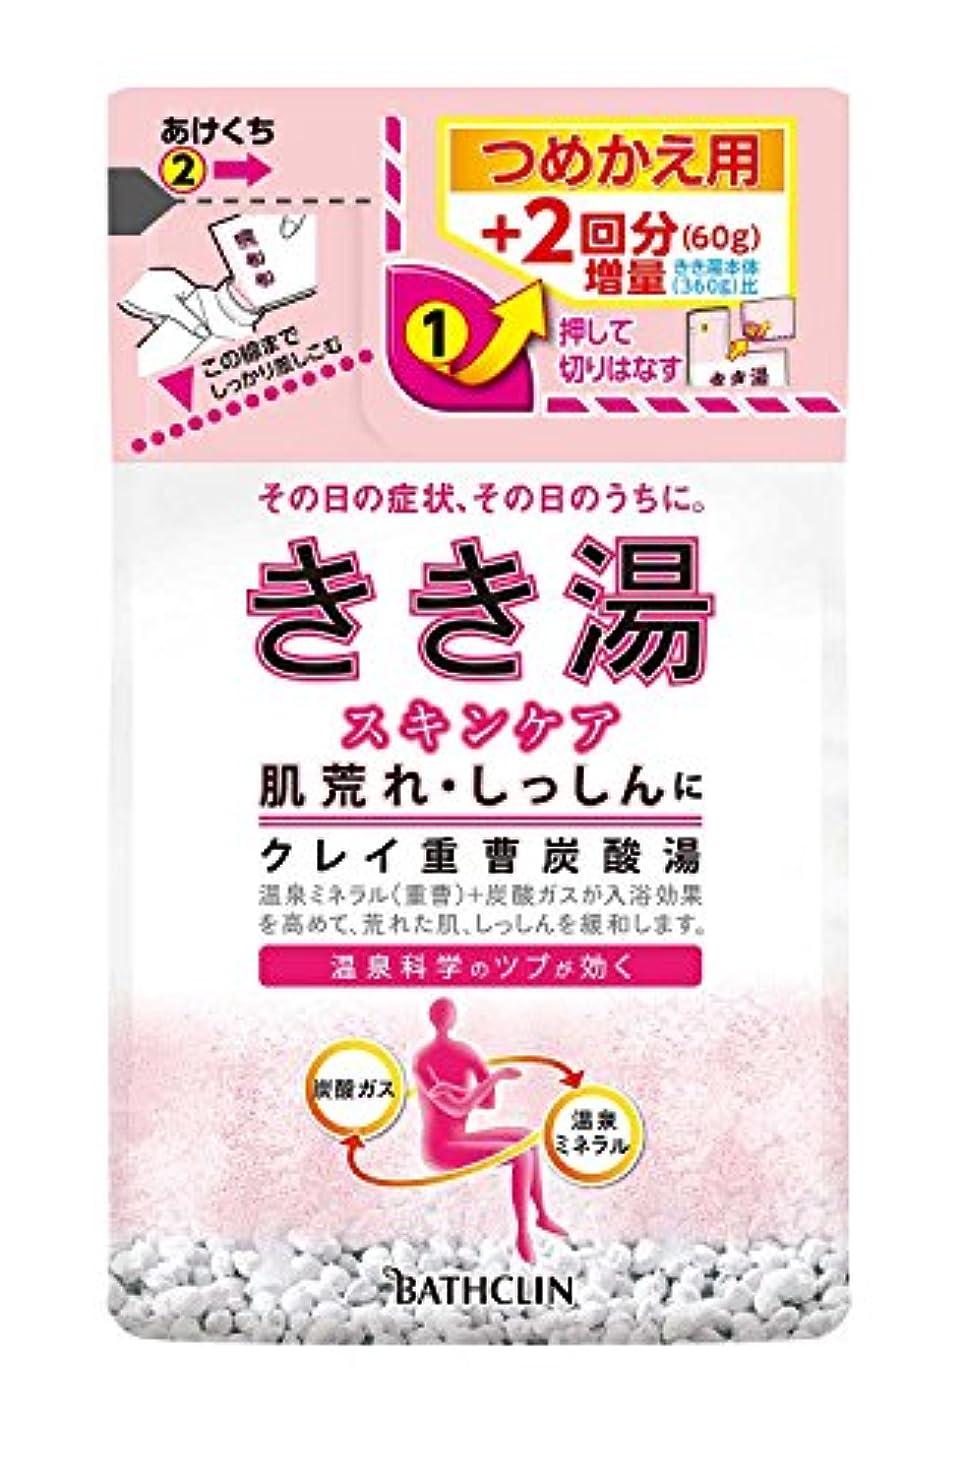 登るバスタブマーケティングきき湯 クレイ重曹炭酸湯 つめかえ用 420g 入浴剤 (医薬部外品)